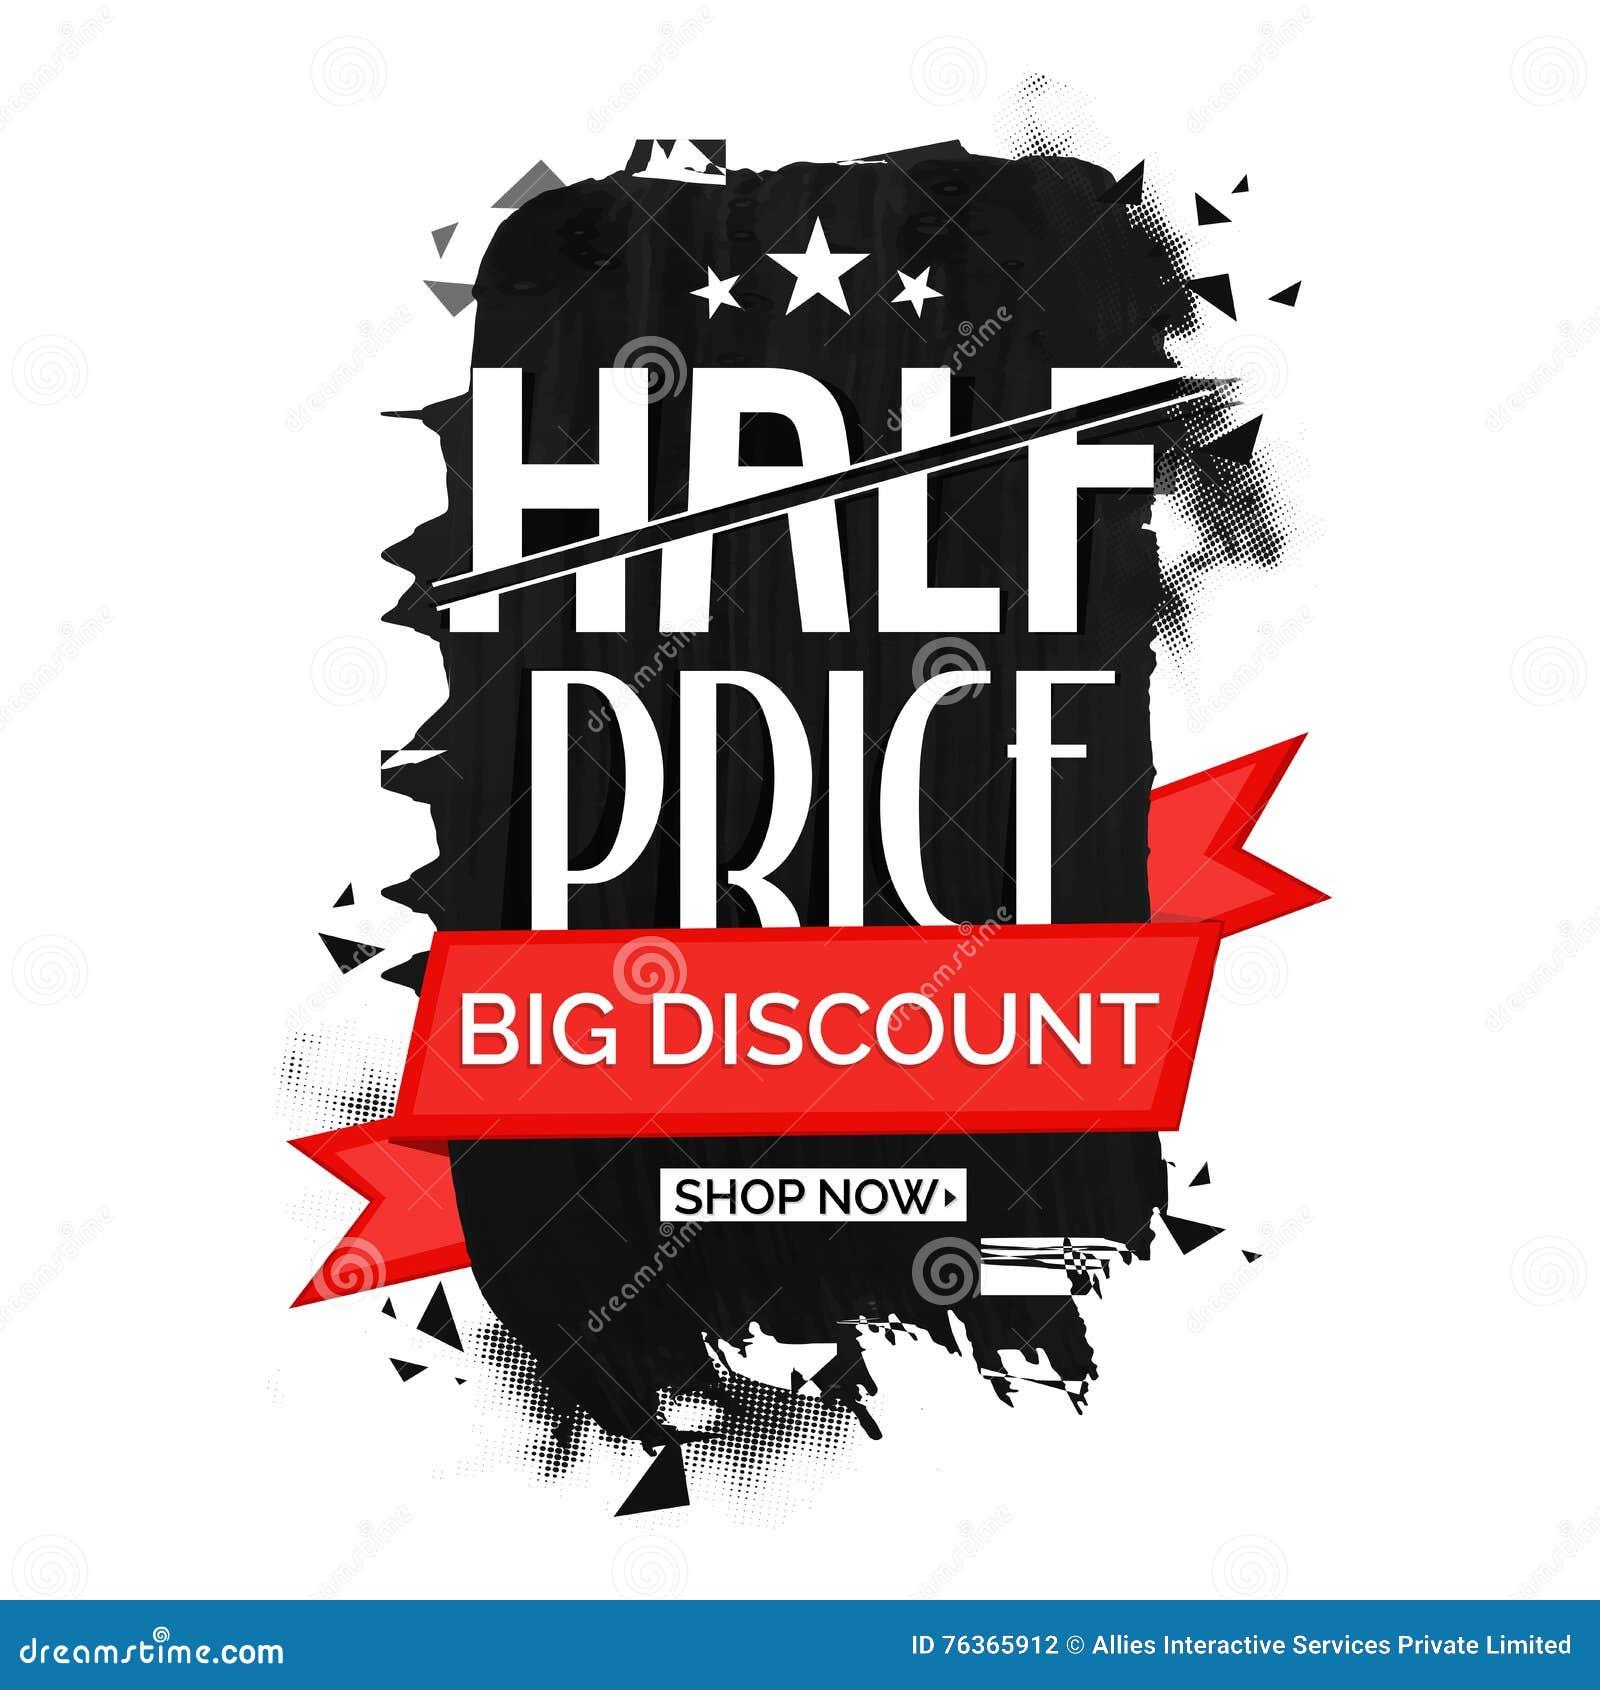 half price sale poster banner or flyer design stock illustration